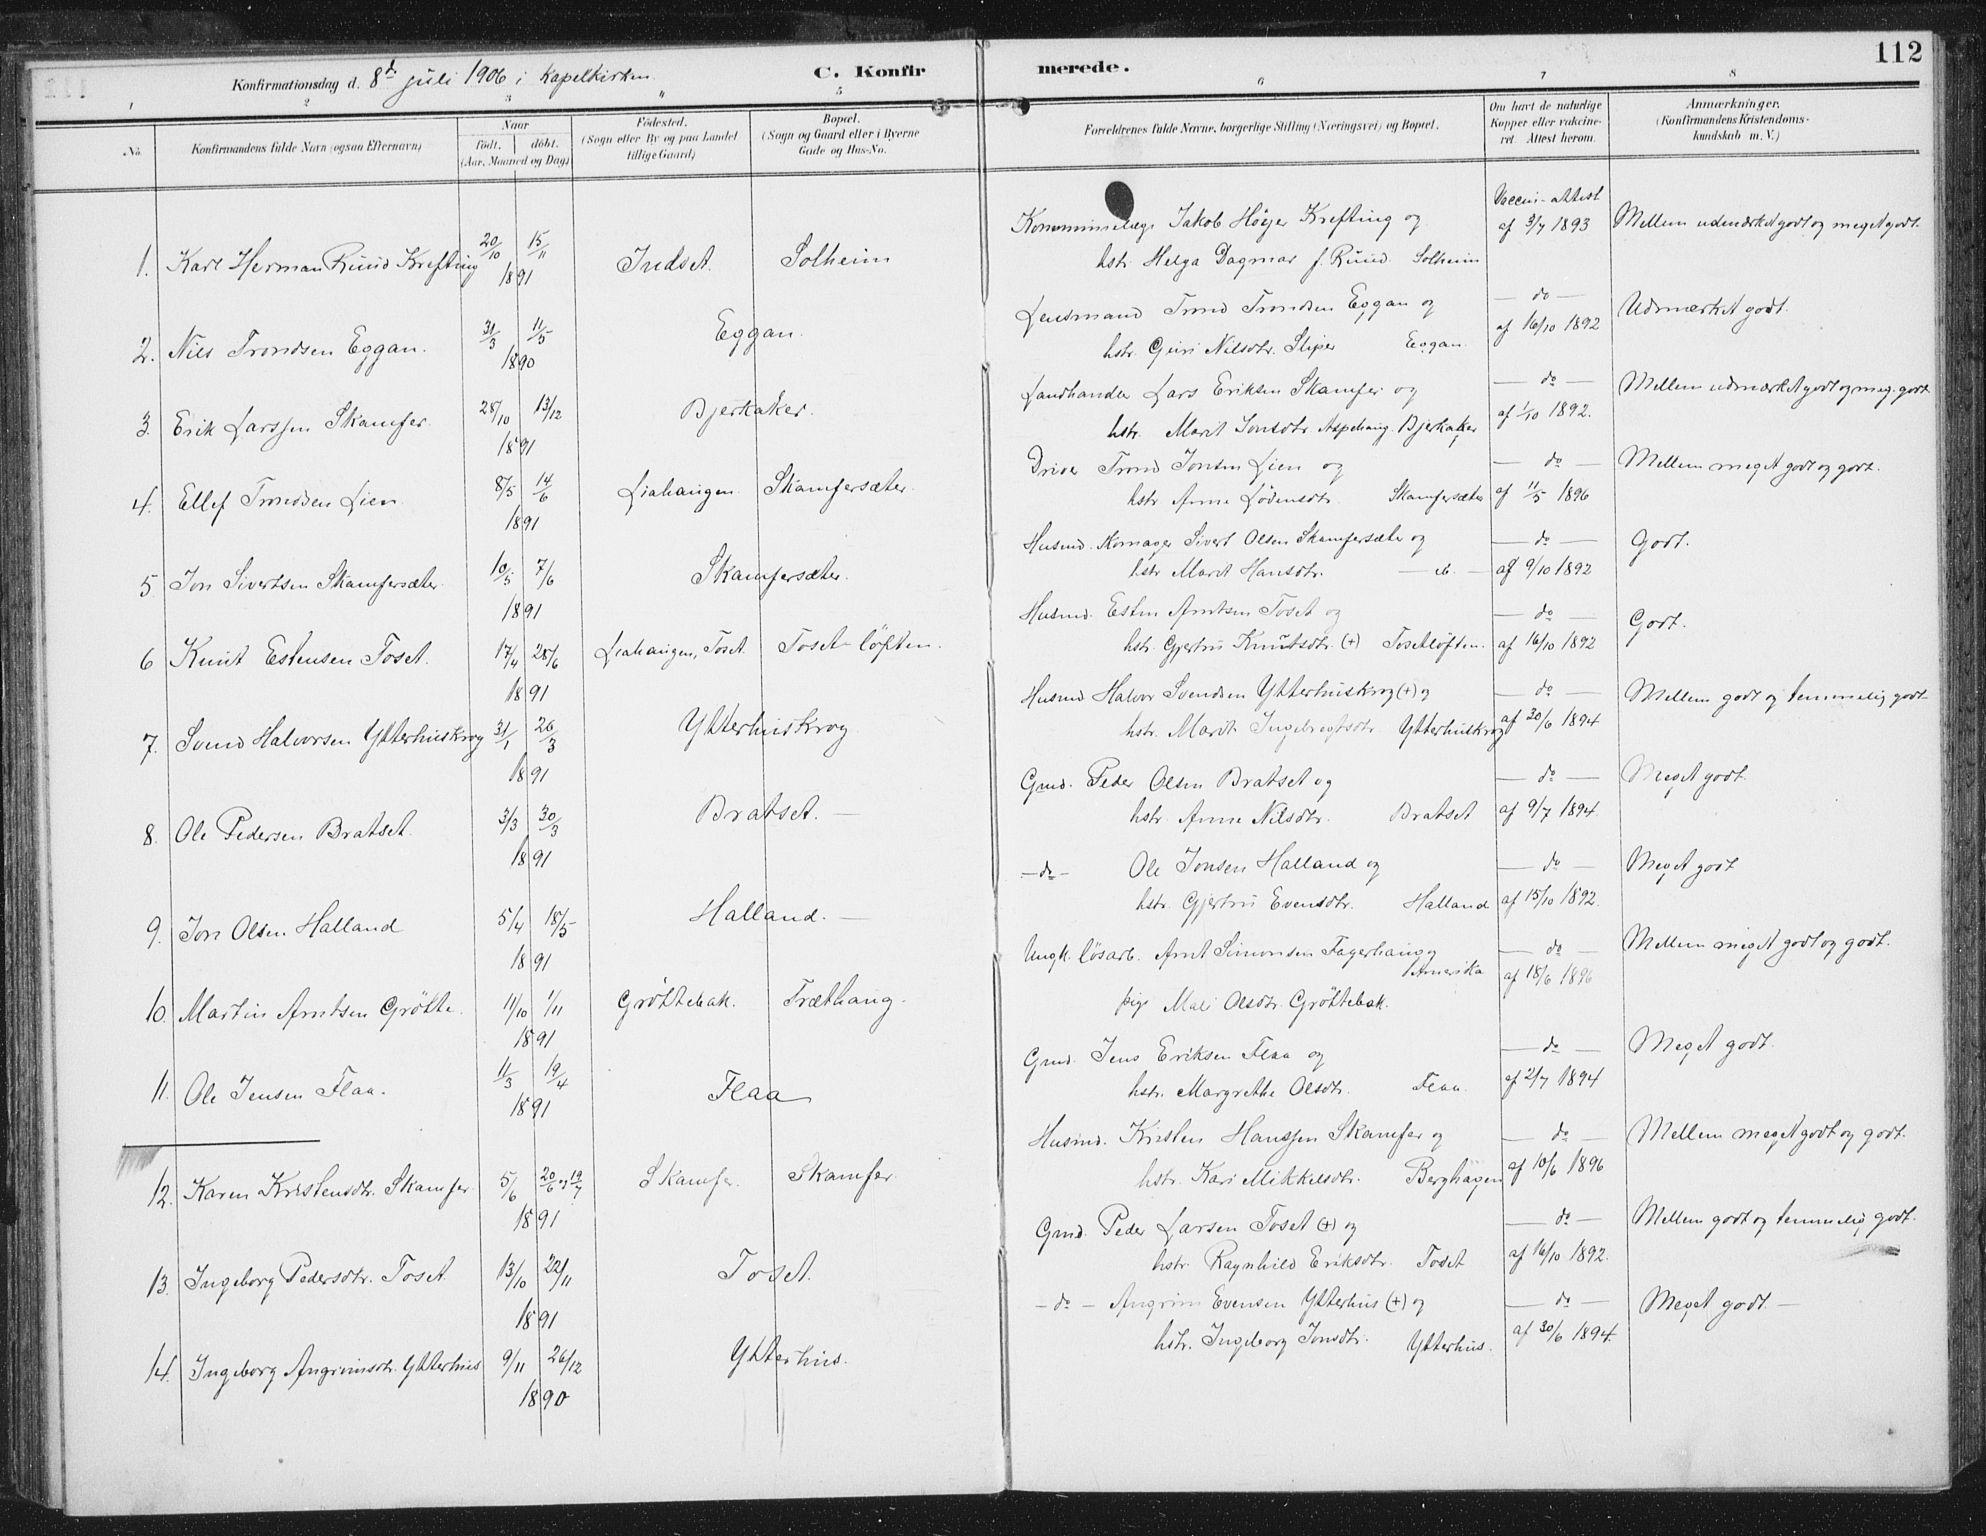 SAT, Ministerialprotokoller, klokkerbøker og fødselsregistre - Sør-Trøndelag, 674/L0872: Ministerialbok nr. 674A04, 1897-1907, s. 112